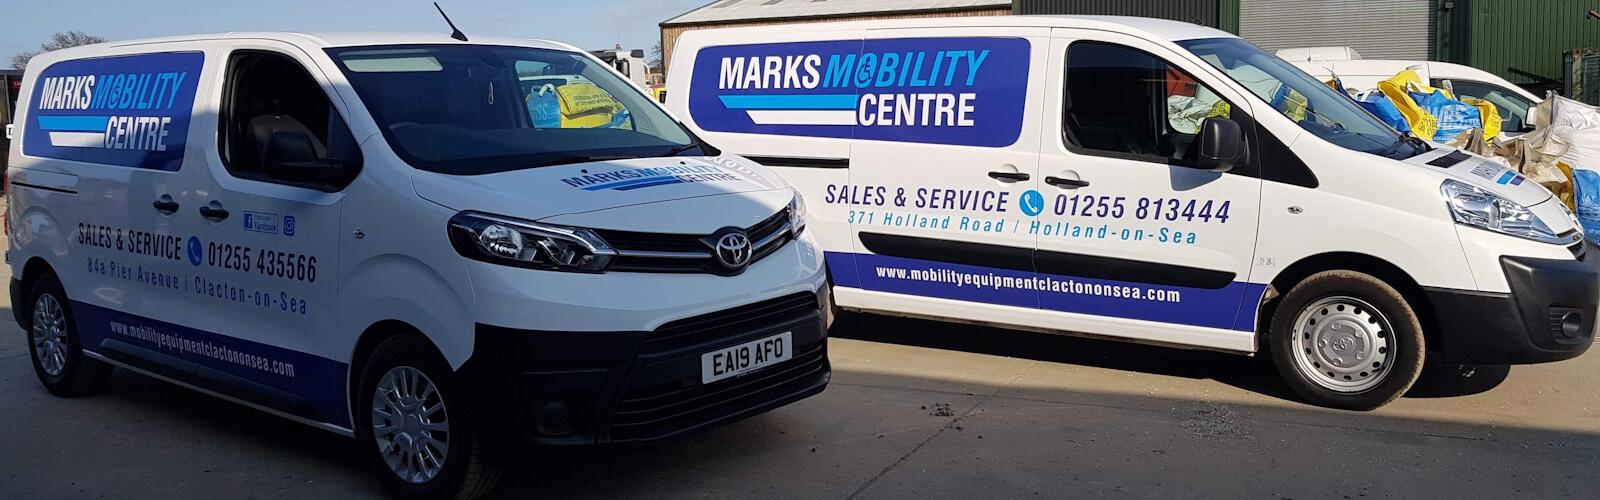 Marks Mobility Centre Ltd